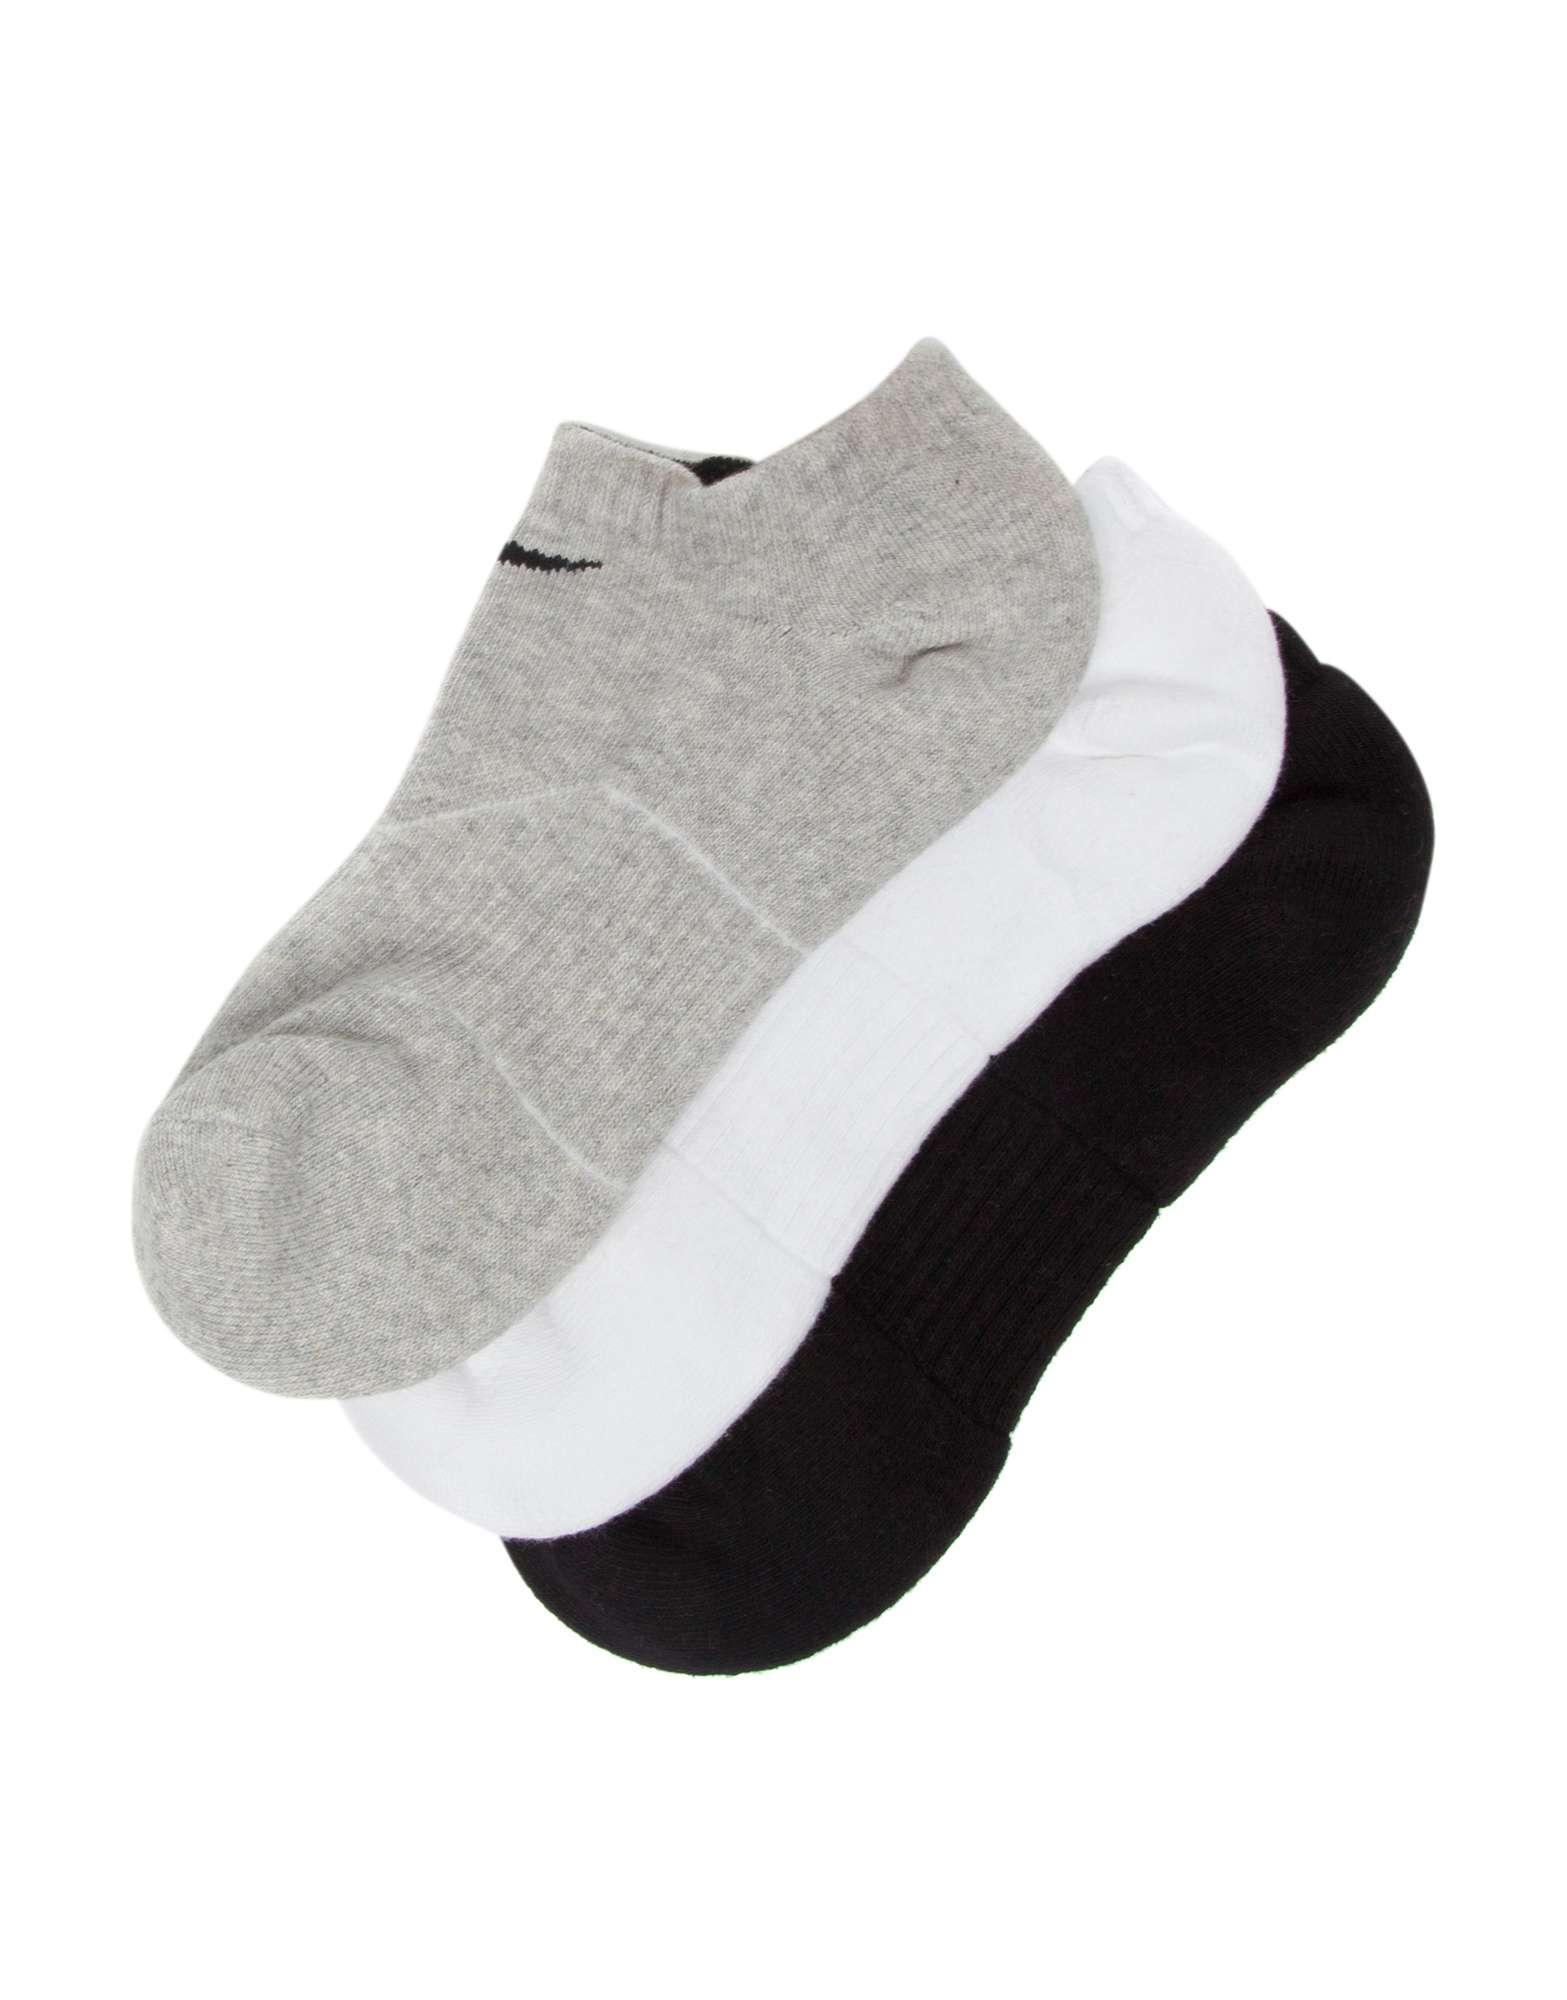 Nike 3 Pack Low Cut Socks Junior